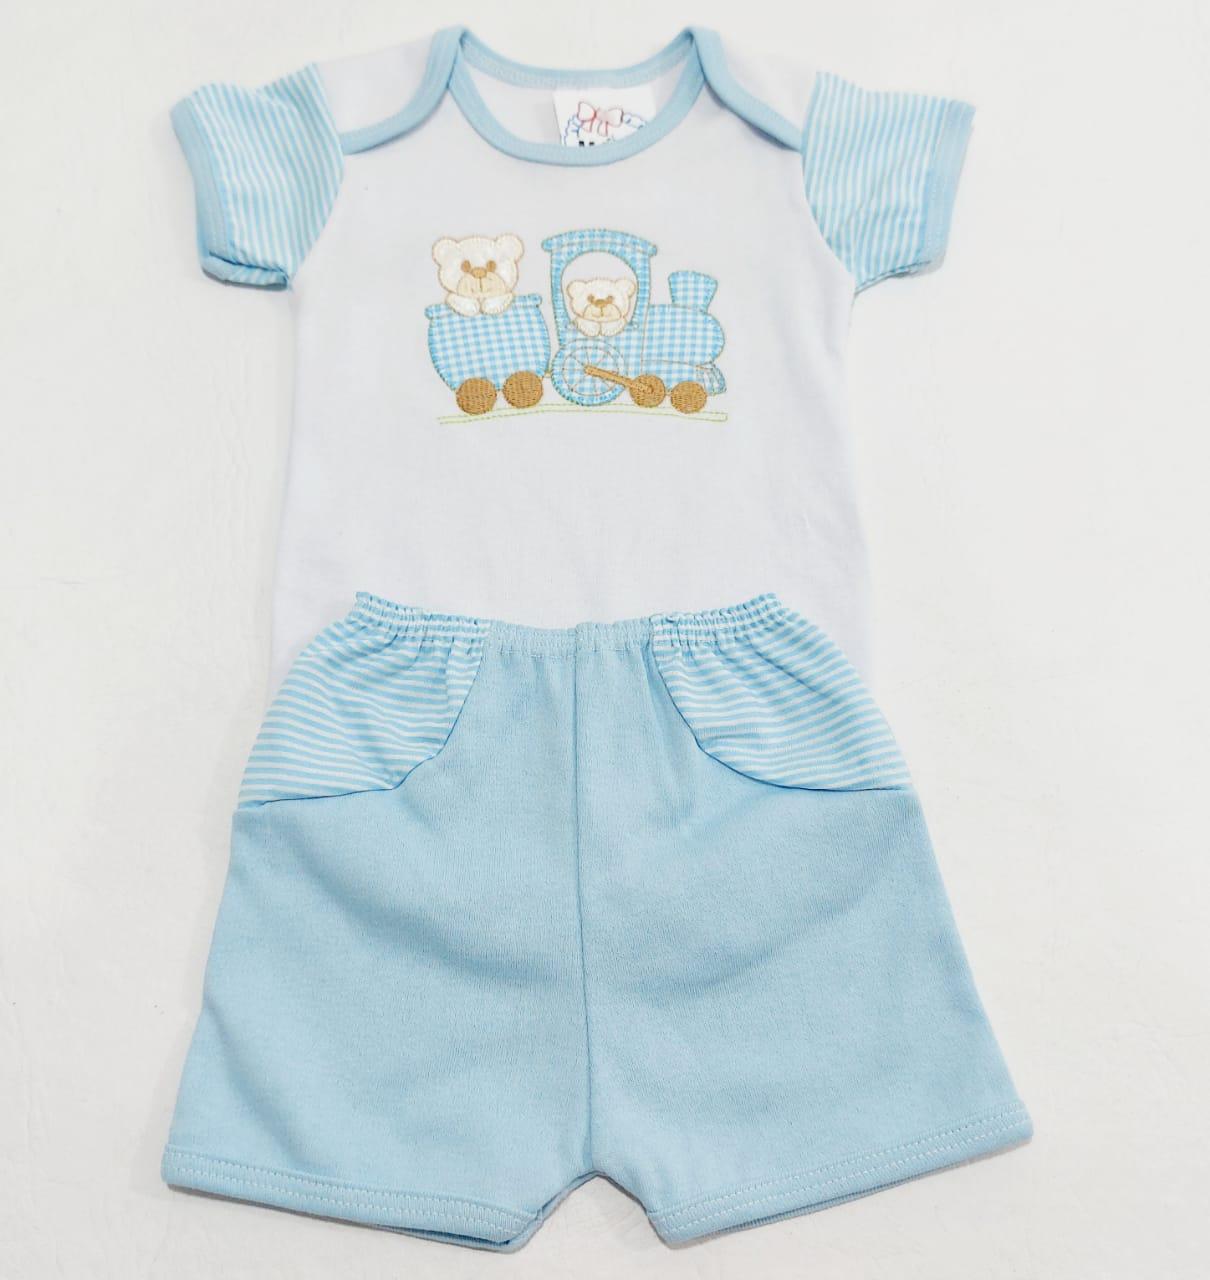 Conjunto Body Bordado E Shorts - Body e Shorts - 02 Peças - 100% Algodão - Baby Amore